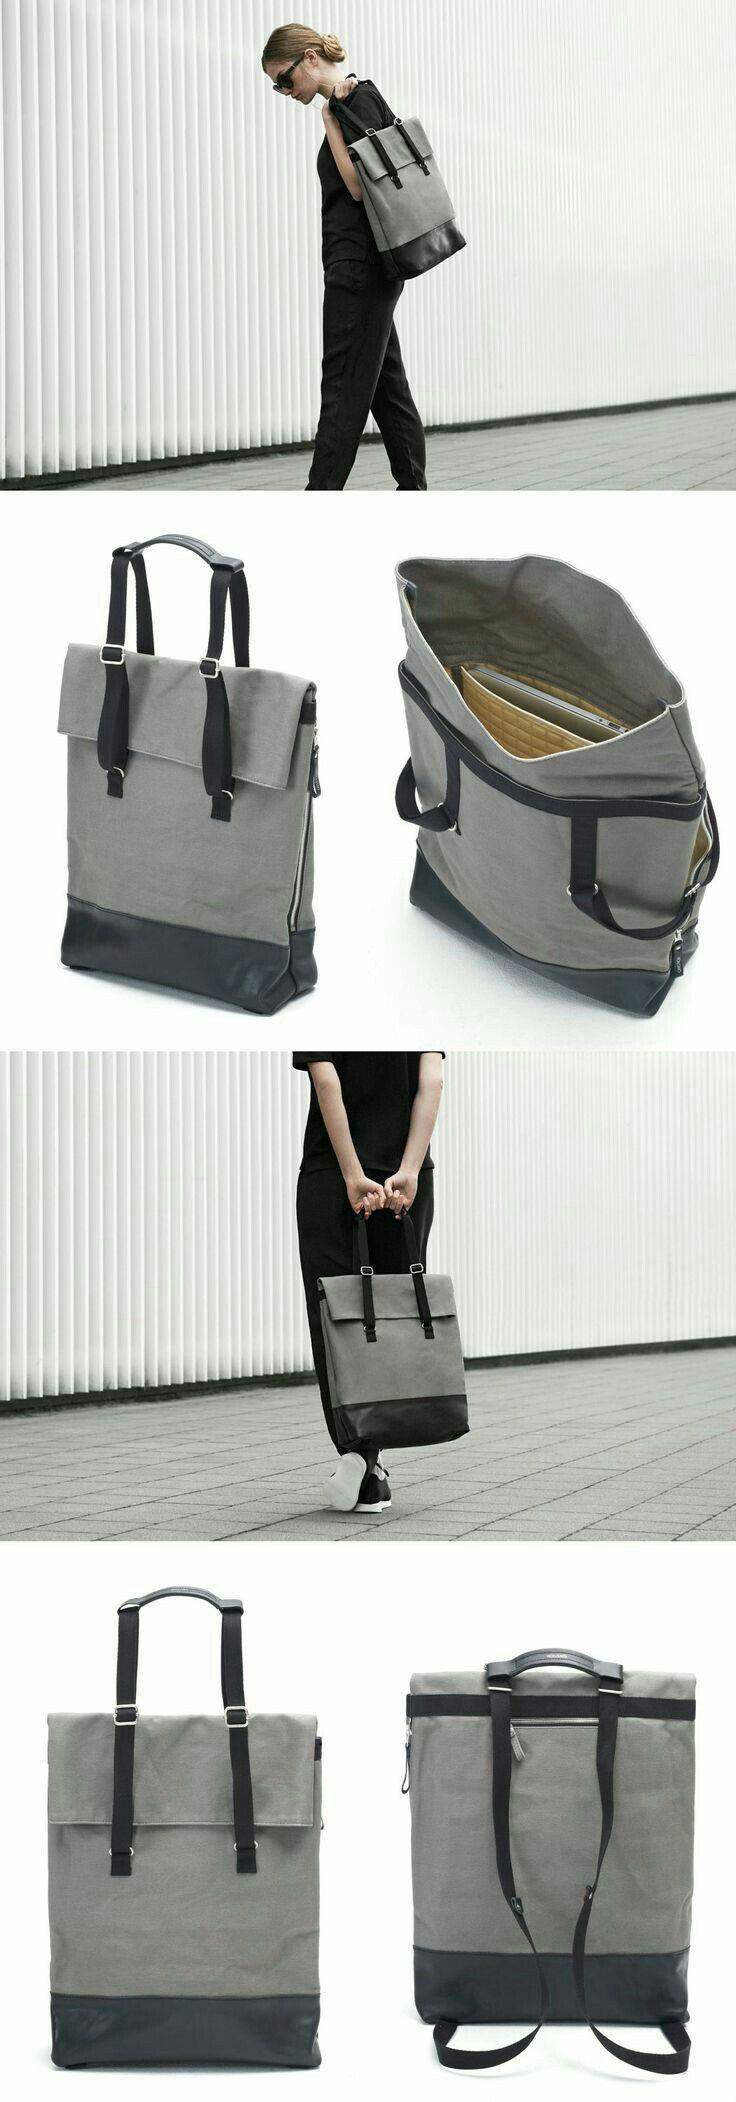 Pin von Karen Vianna auf For my next bag | Pinterest | Nähen ...